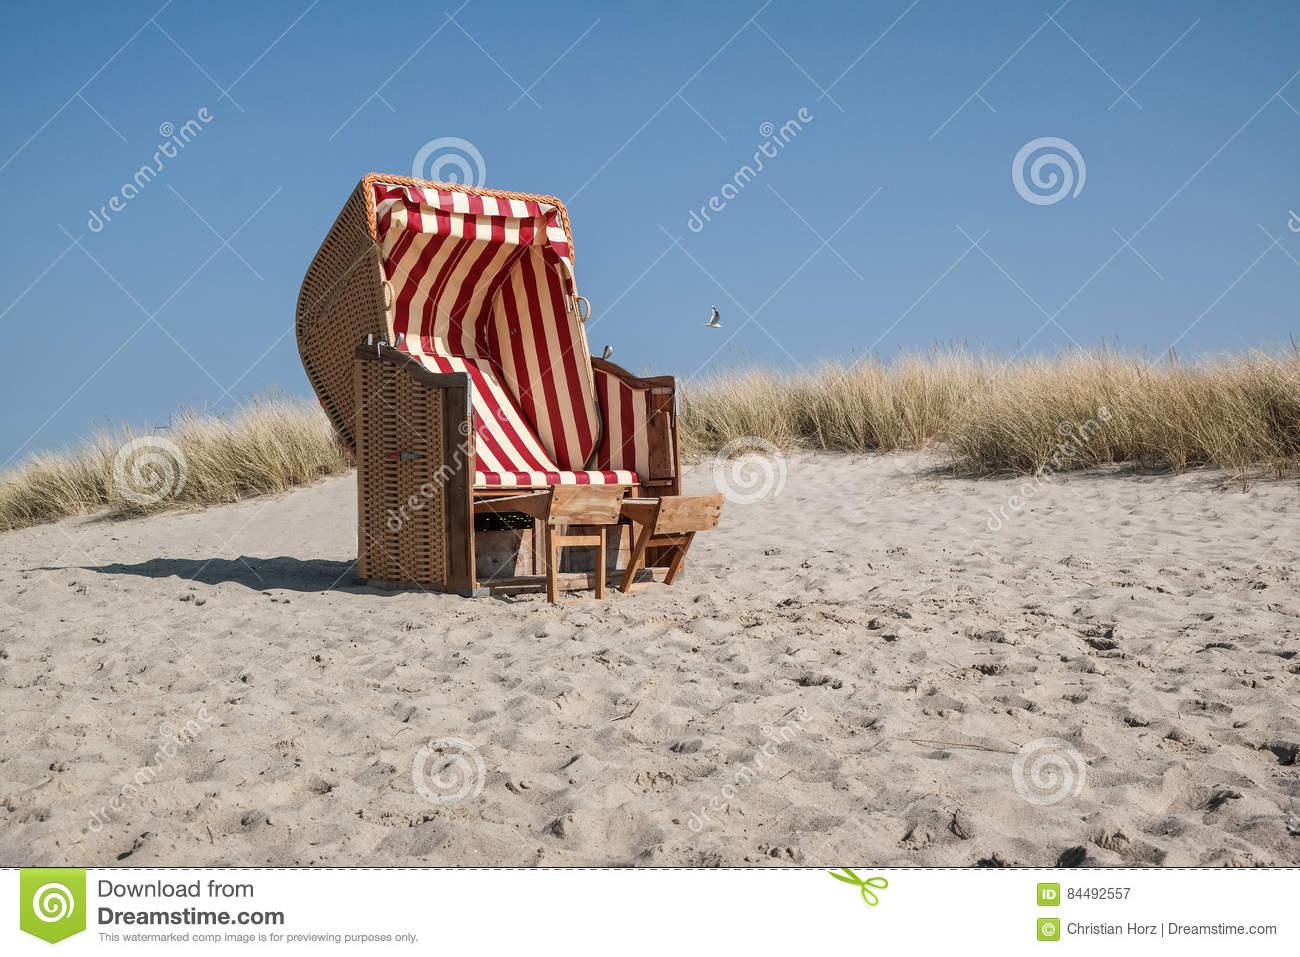 canopied beach chair